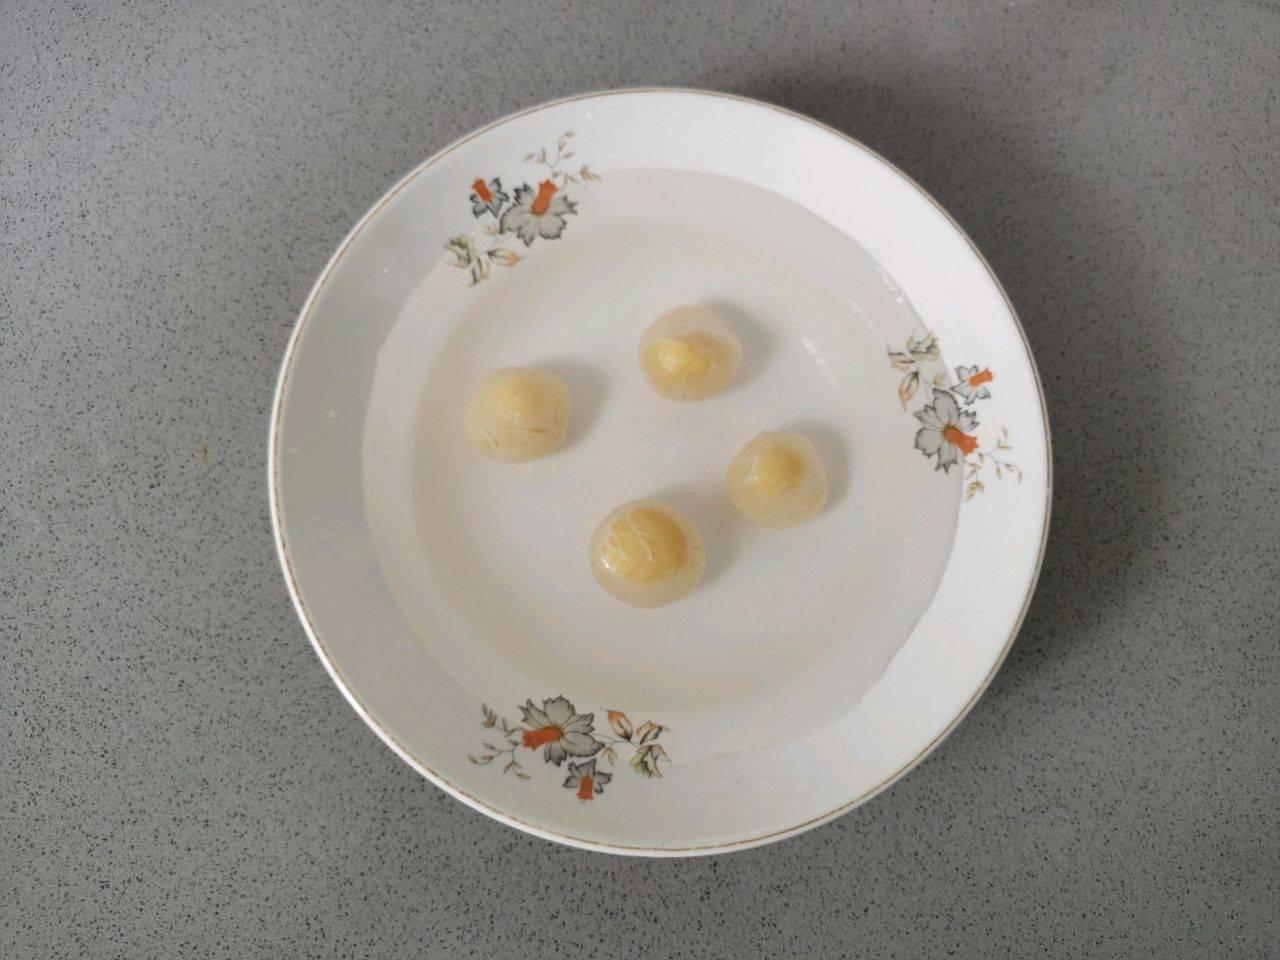 原創  金黃酥脆的【開口笑】的做法+配方,教你做老北京的傳統小吃!